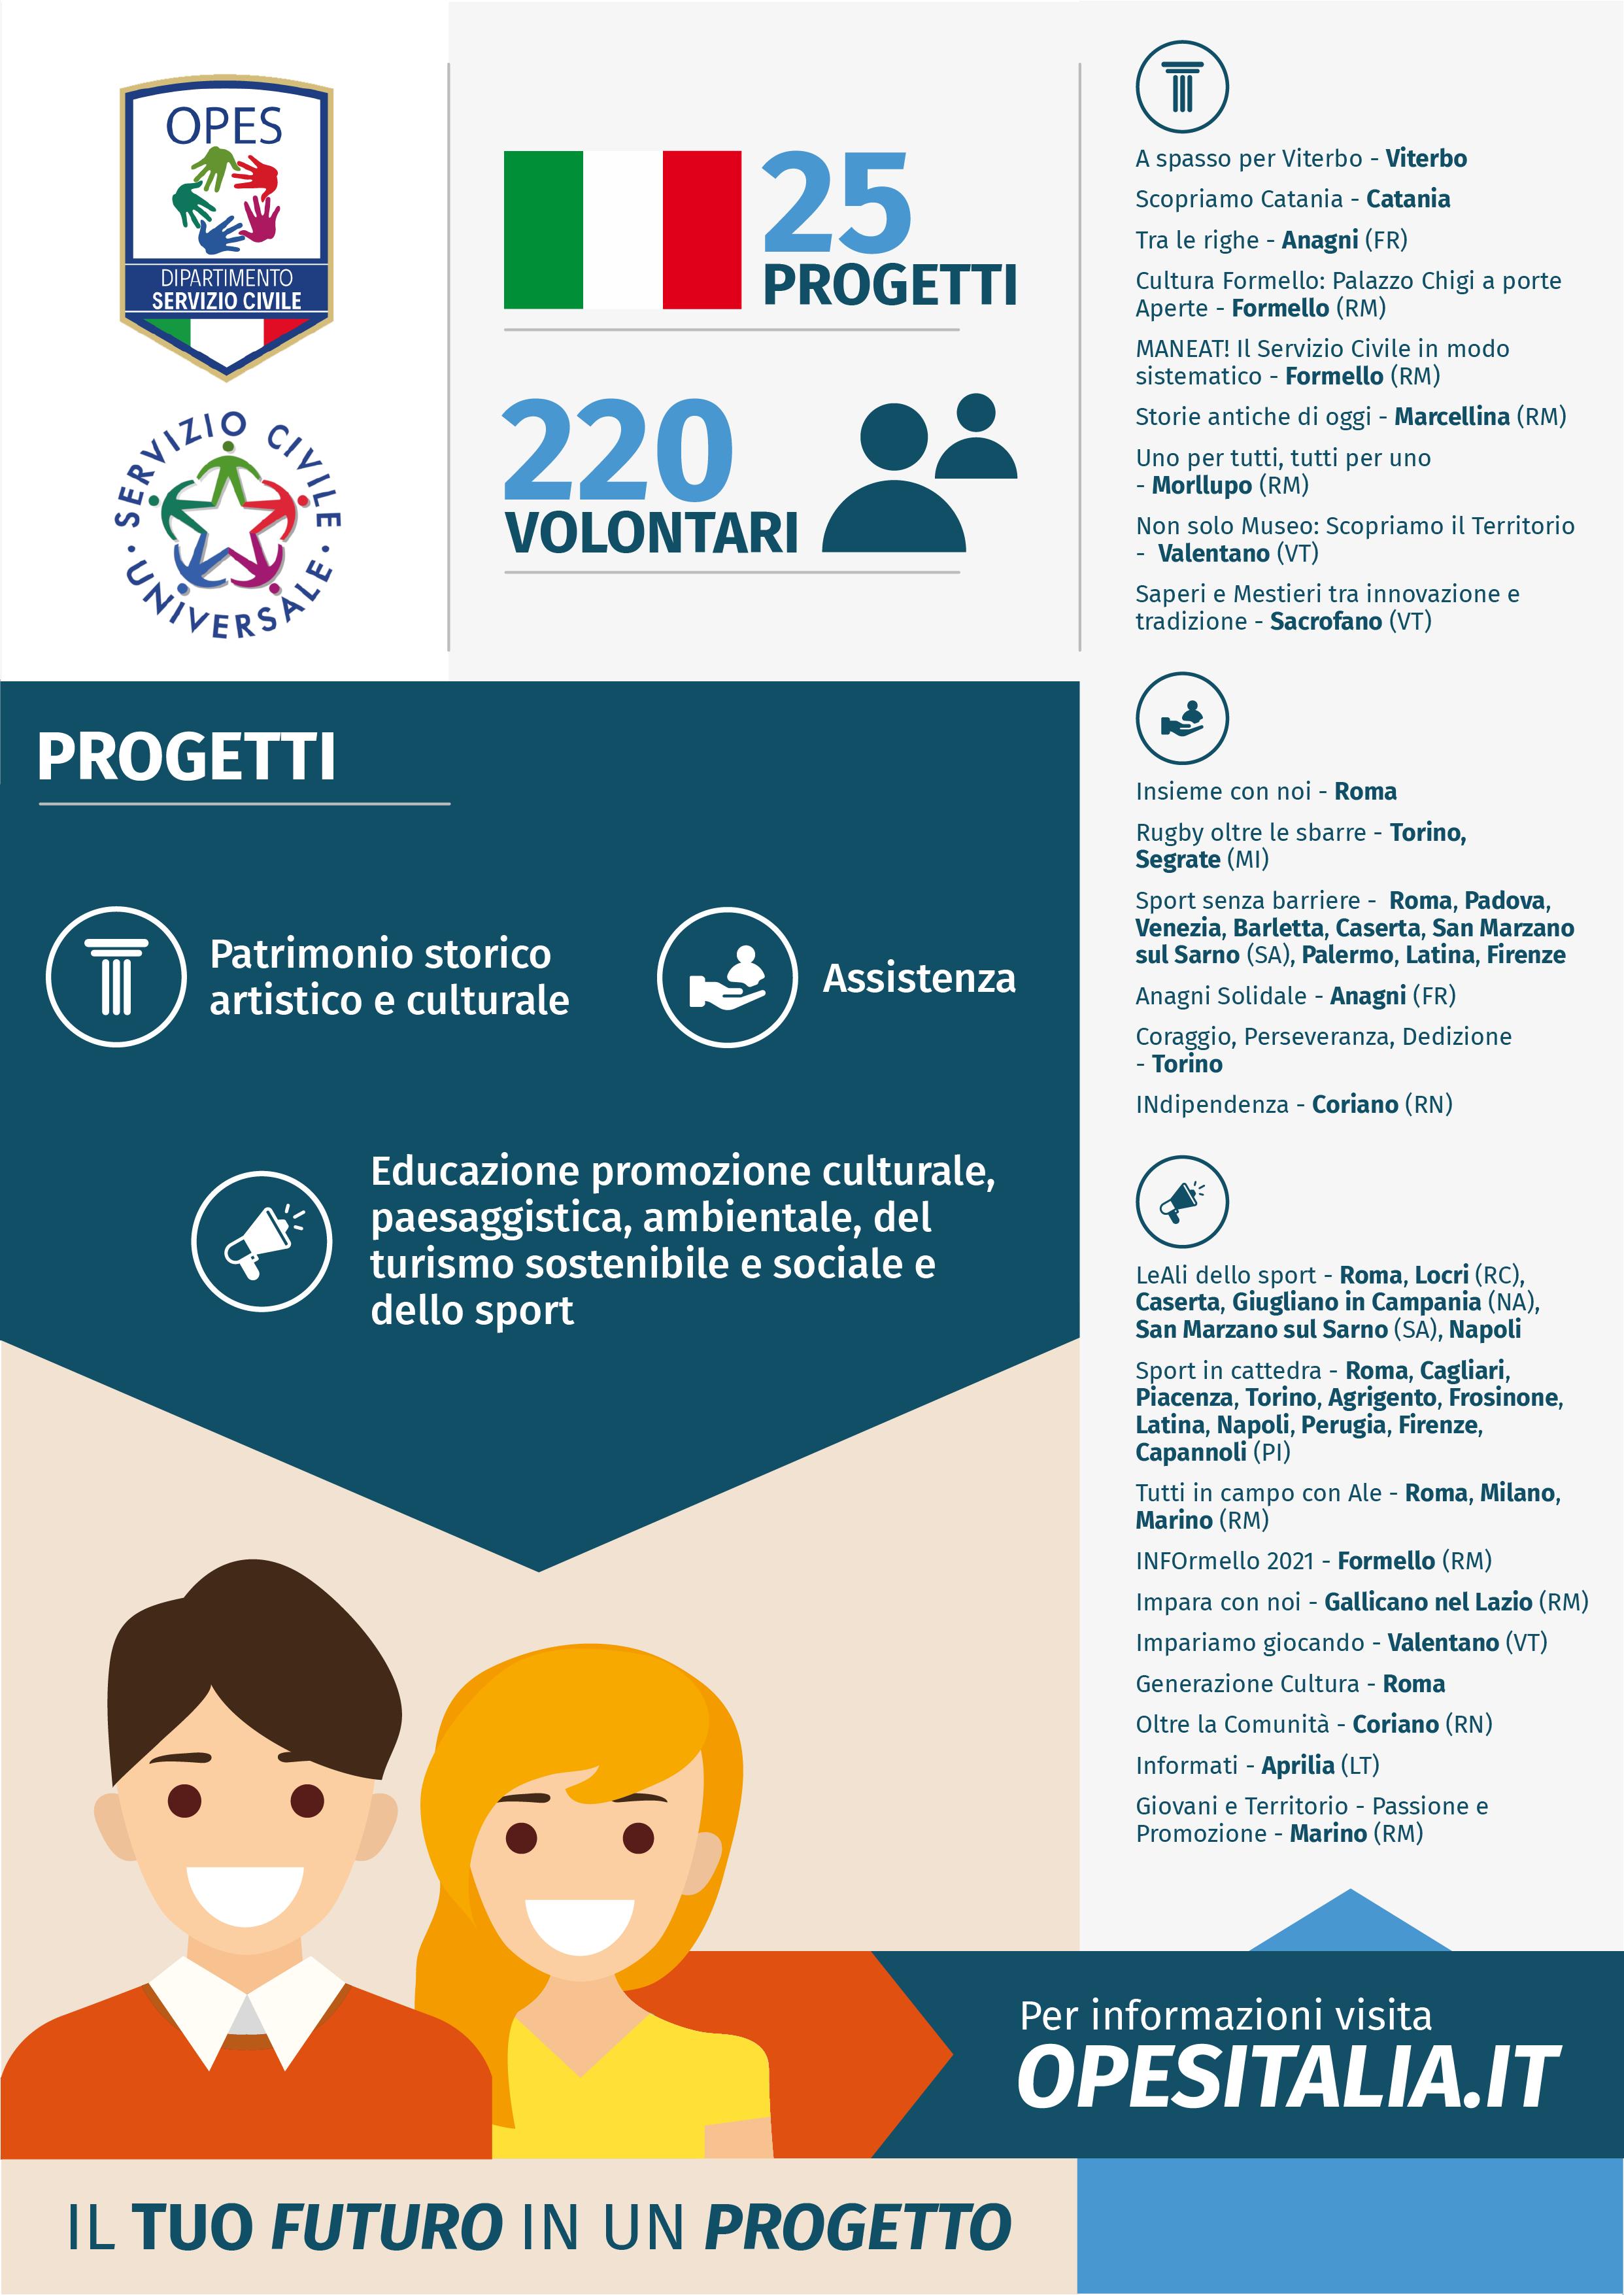 Servizio Civile_2_Infografica_2_Opes